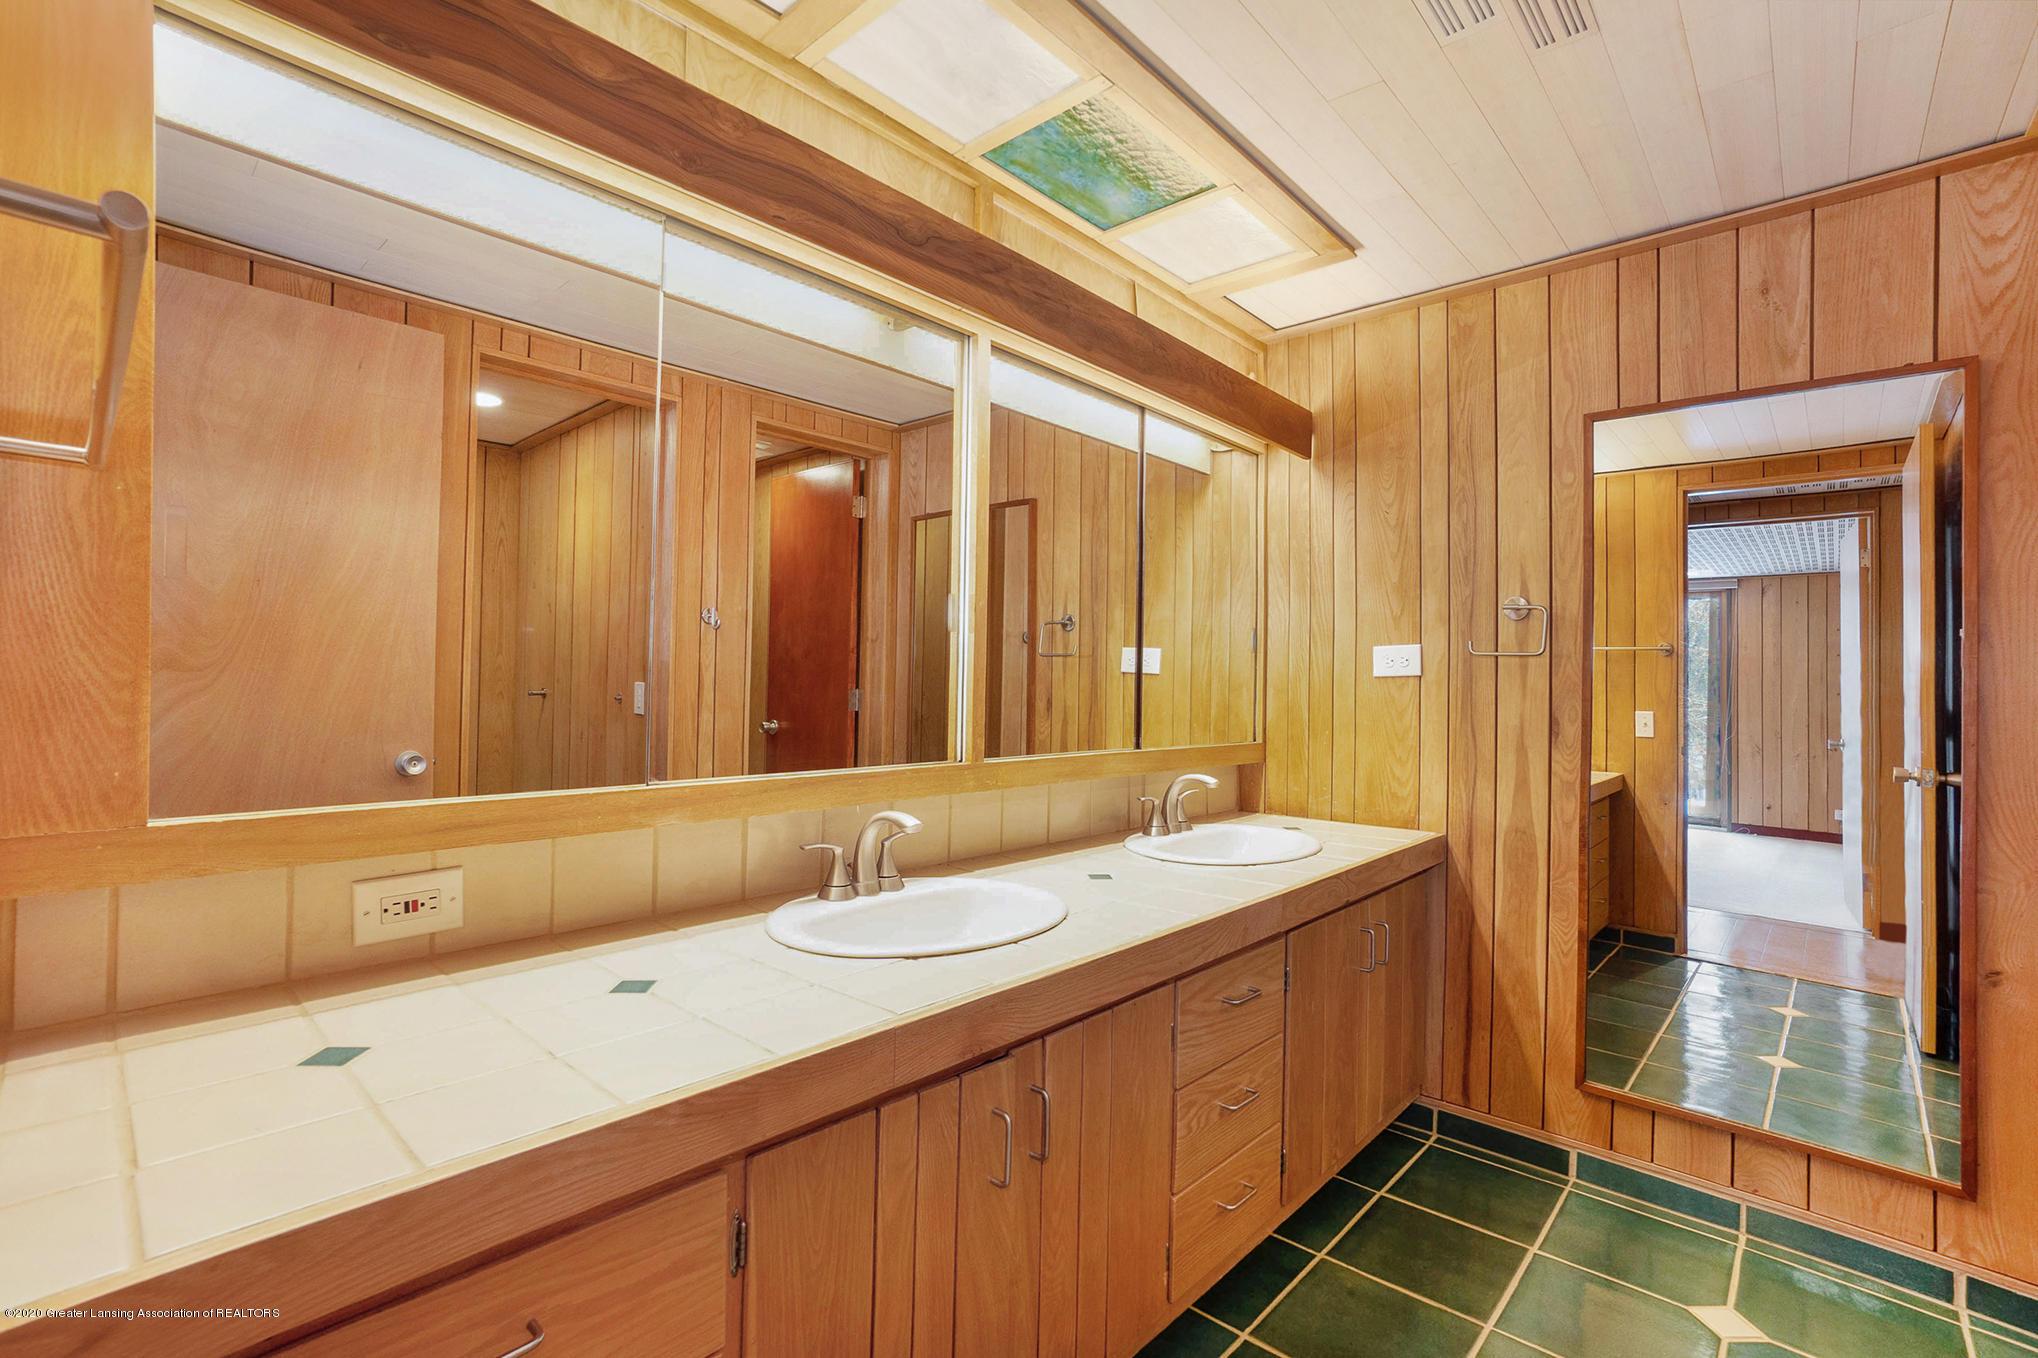 4045 Van Atta Rd - Bathroom - 43